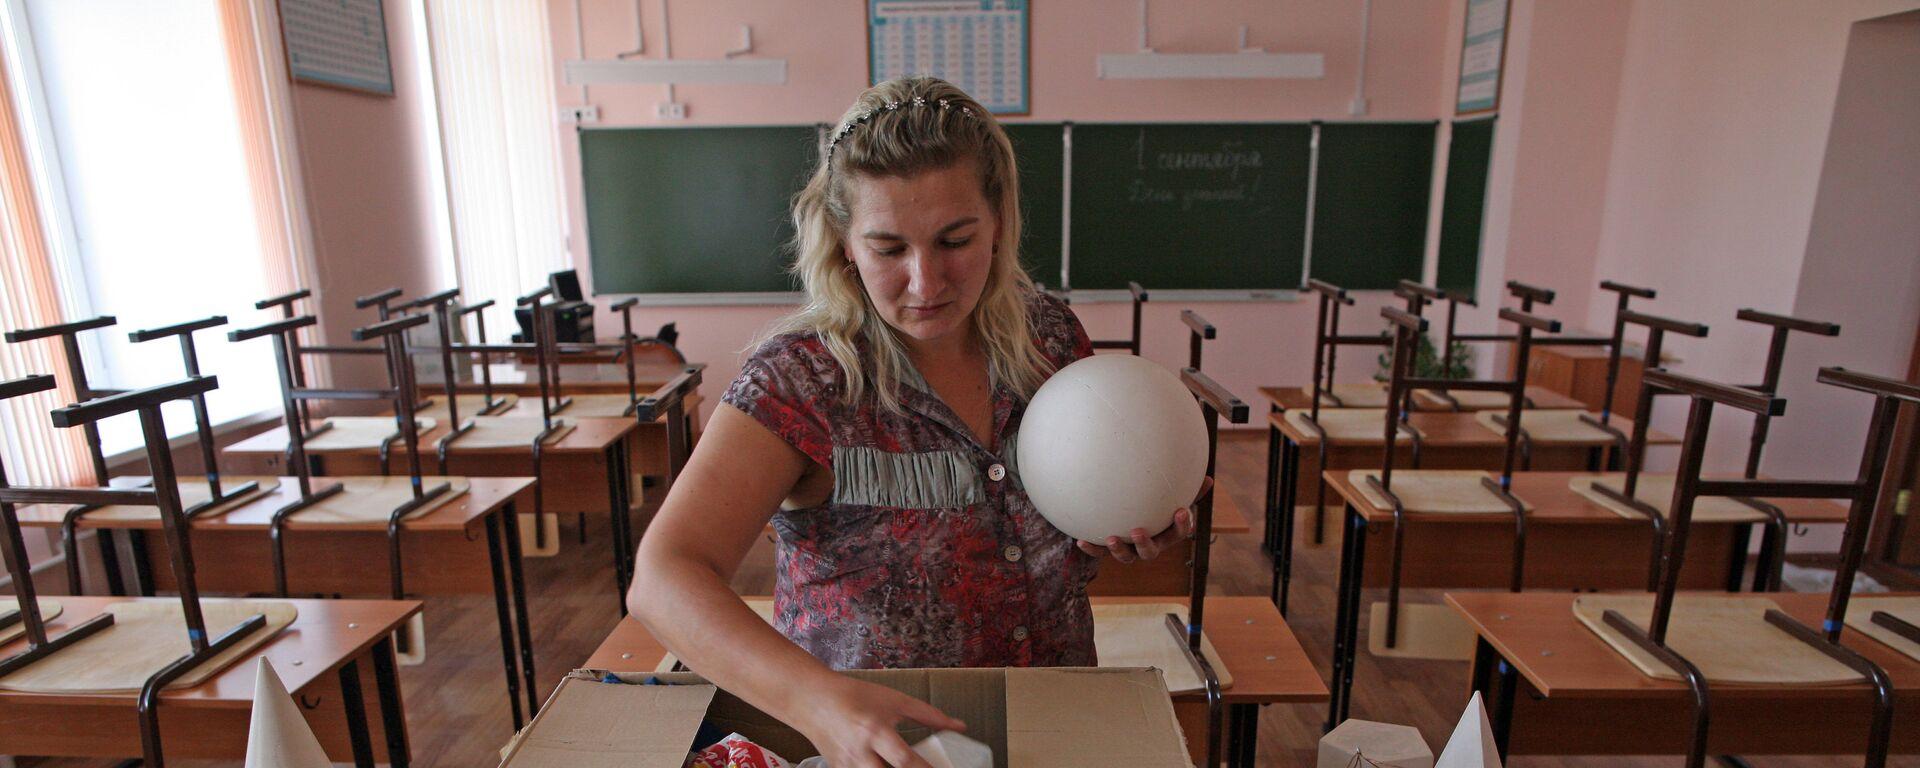 Учитель в классе математики - Sputnik Латвия, 1920, 17.09.2021